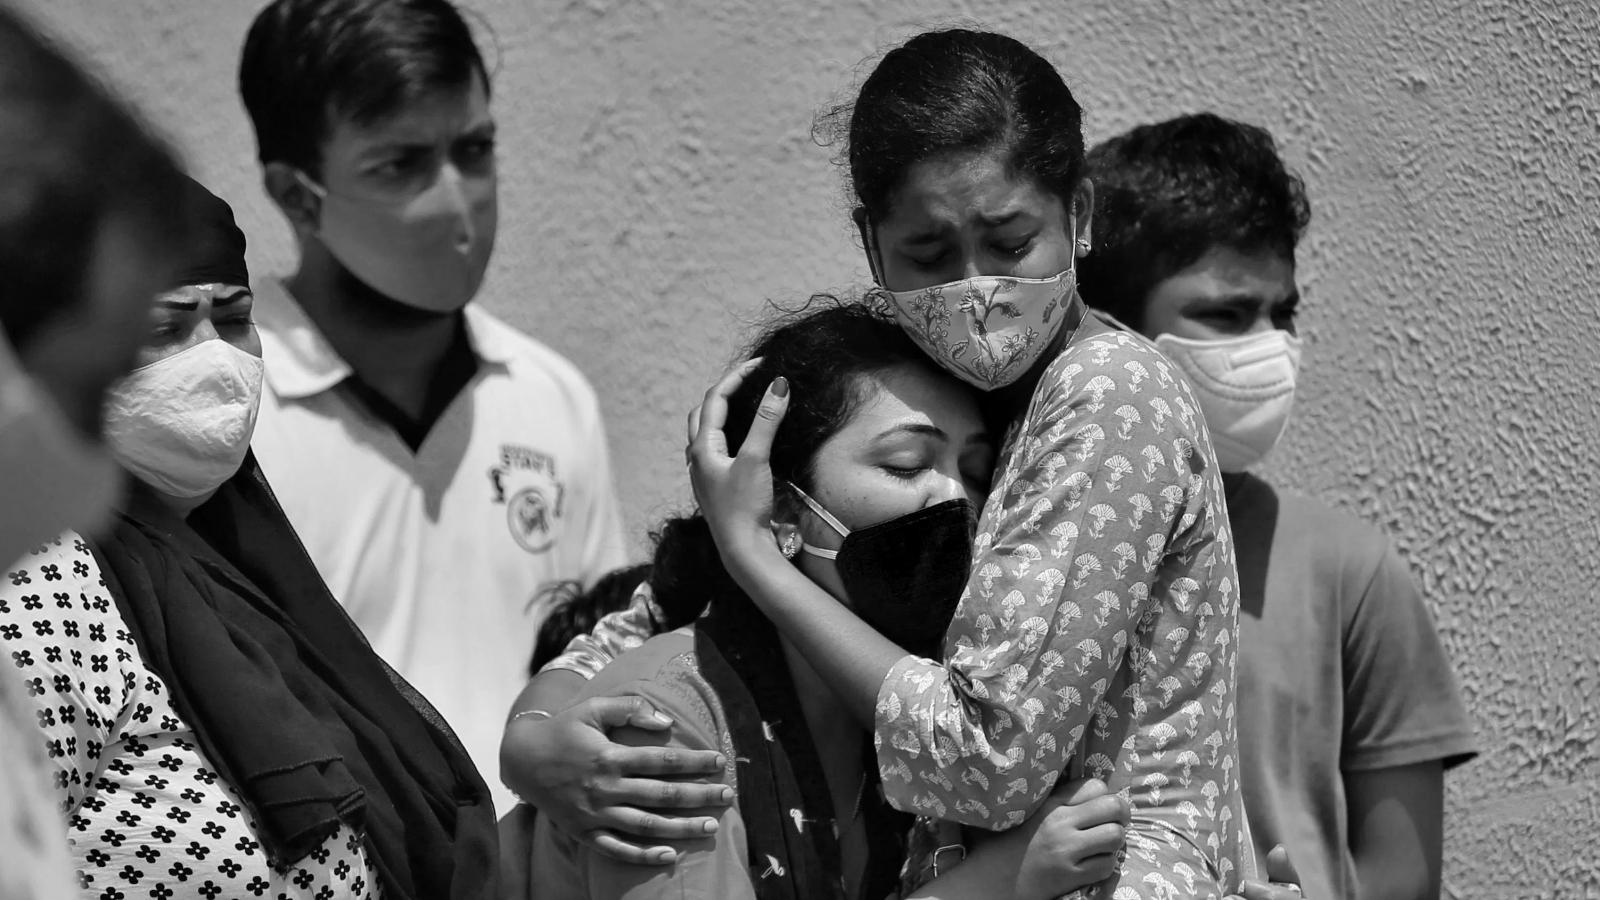 Tình hình đại dịch Covid-19 nguy cấp ở Ấn Độ